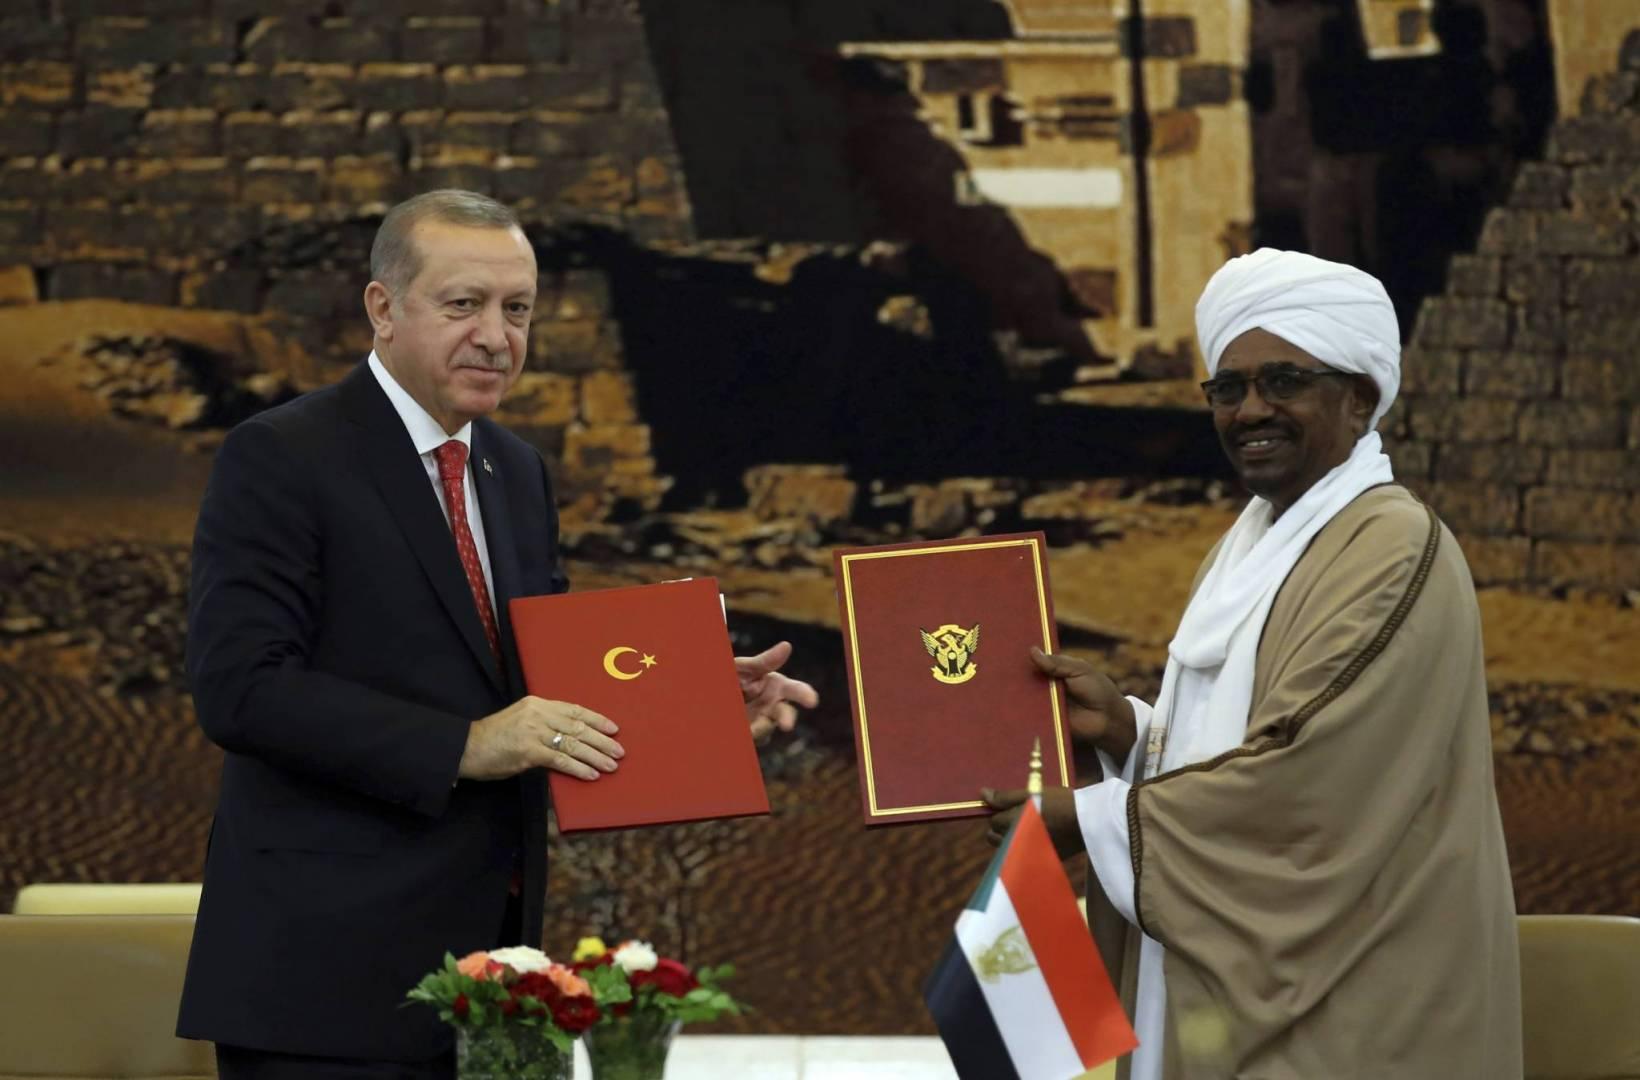 اتفاقيات اقتصادية جديدة بين تركيا و السودان...حلقة جديدة من صراع النفوذ مع الإمارات ومصر